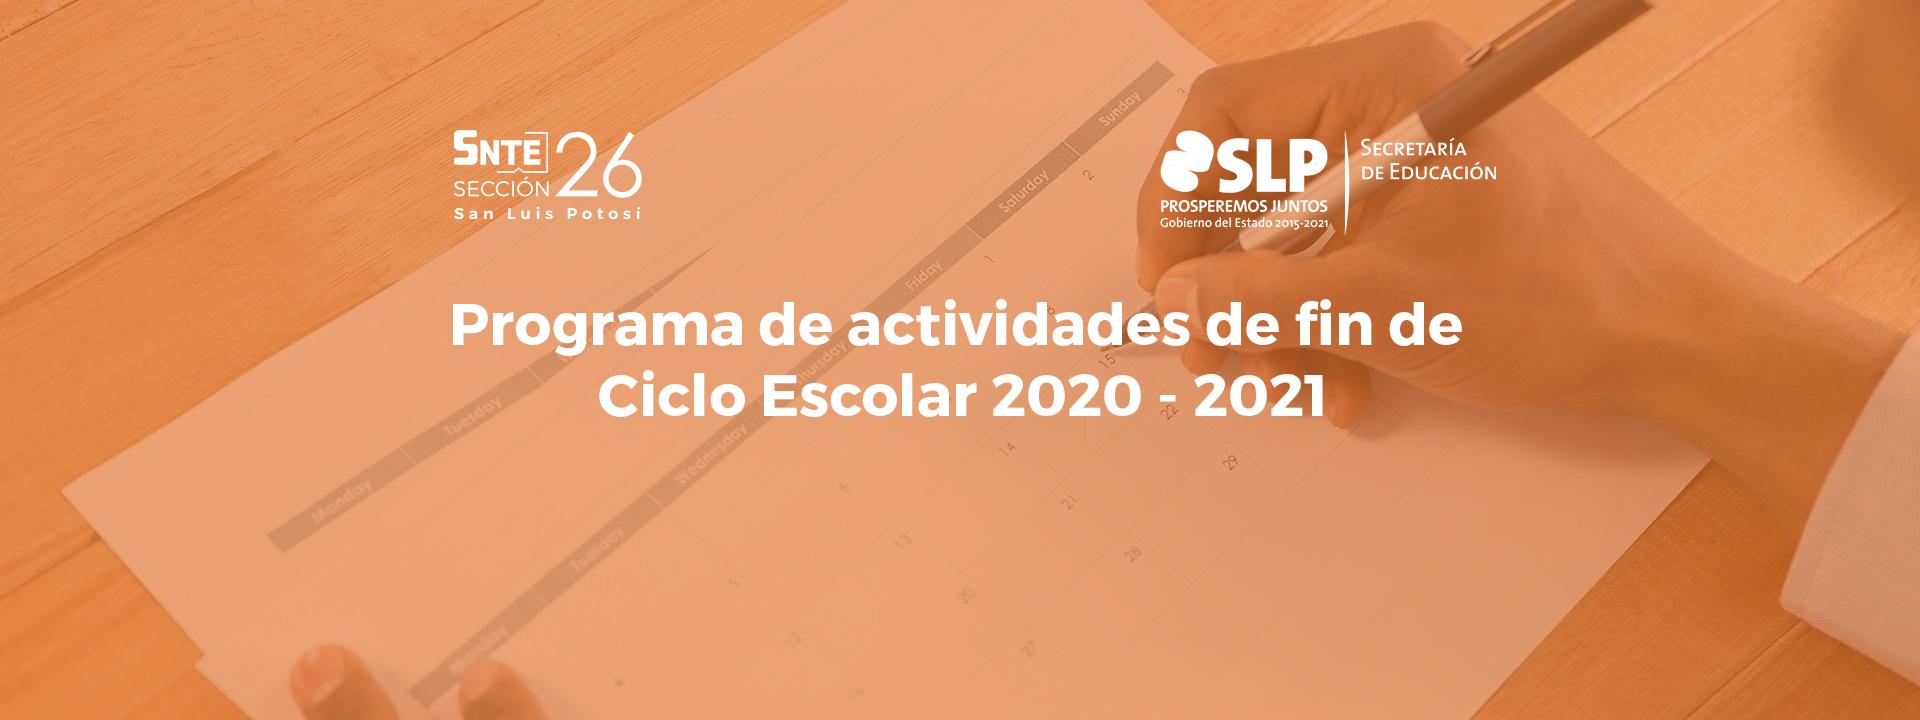 Programa de actividades de fin de Ciclo Escolar 2020-2021